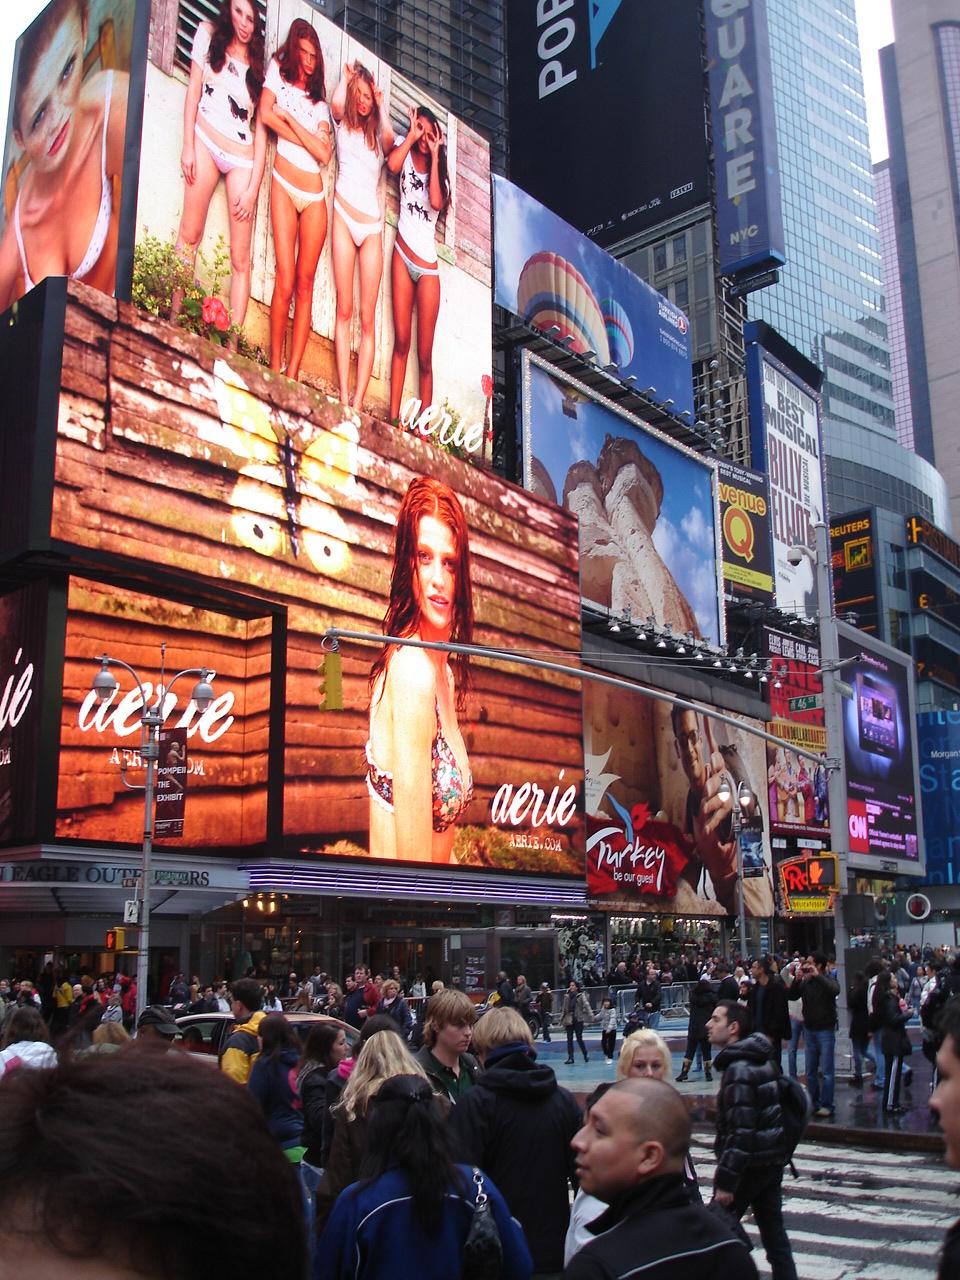 Нью-Йорк. Таймс-сквер. Реклама.